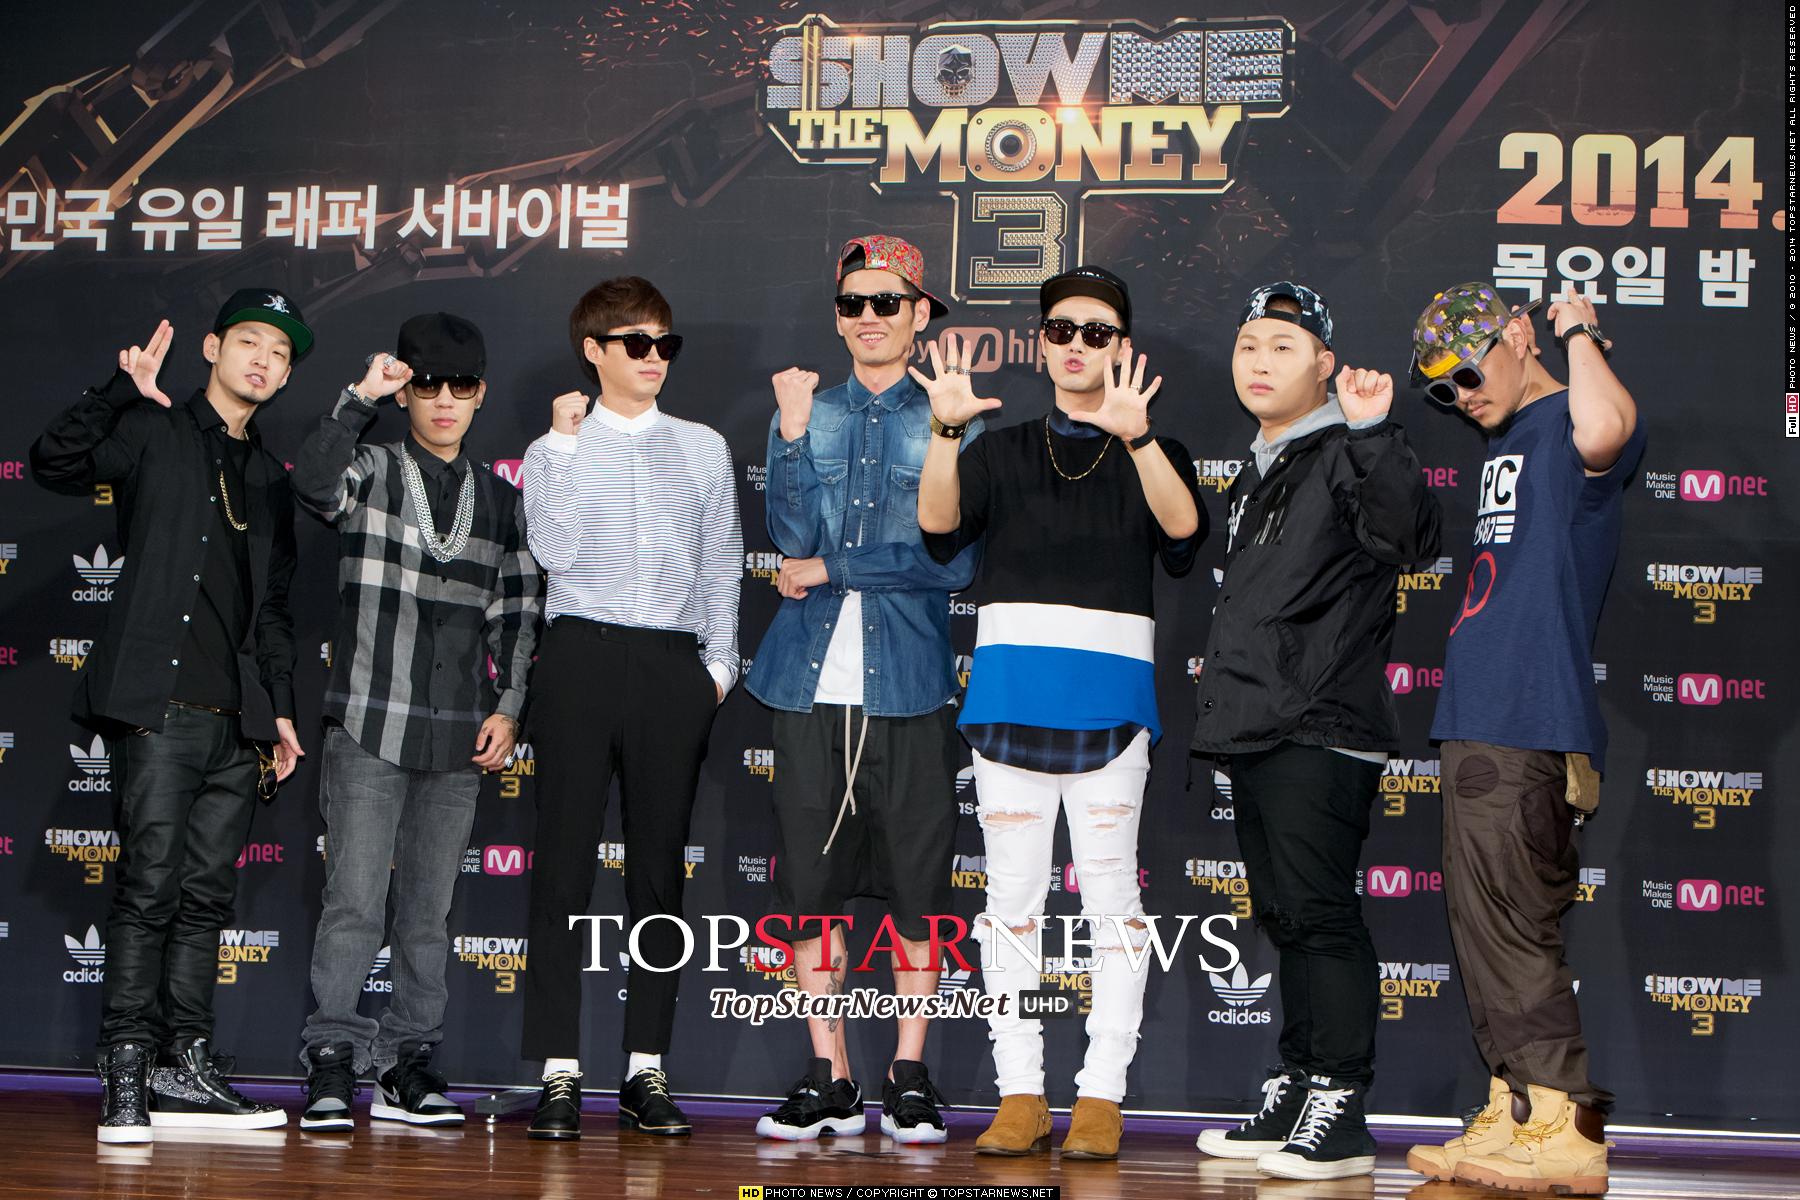 最近嘻哈更是大行其道,尤以Mnet電視台製作的《Show Me the Money》饒舌選秀賽進行到第四季,吸引許多線上或地下rapper battle,火藥味跟看點十足。